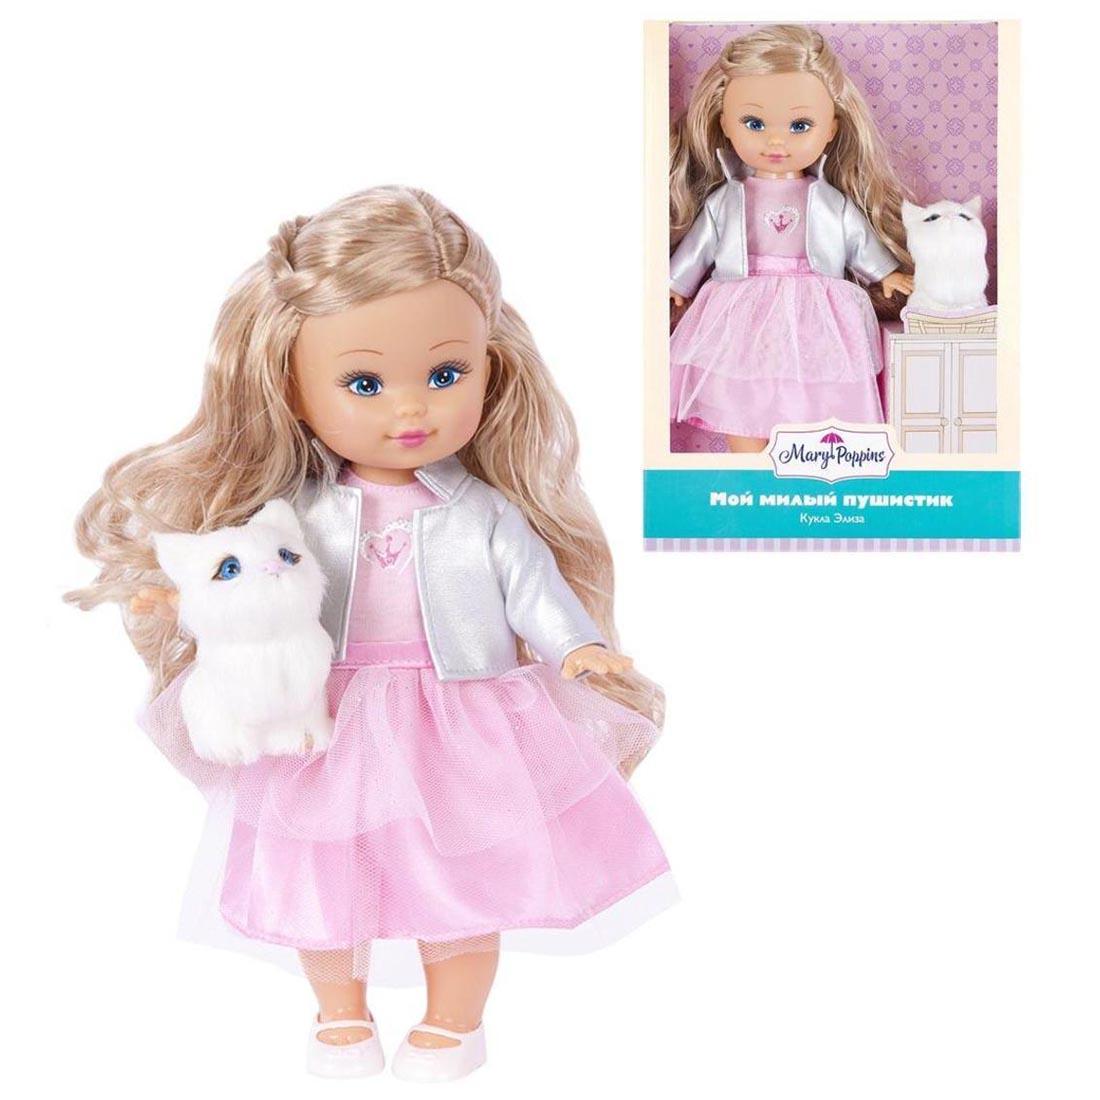 451236 Кукла Элиза  Мой милый пушистик, 26см, котенок.